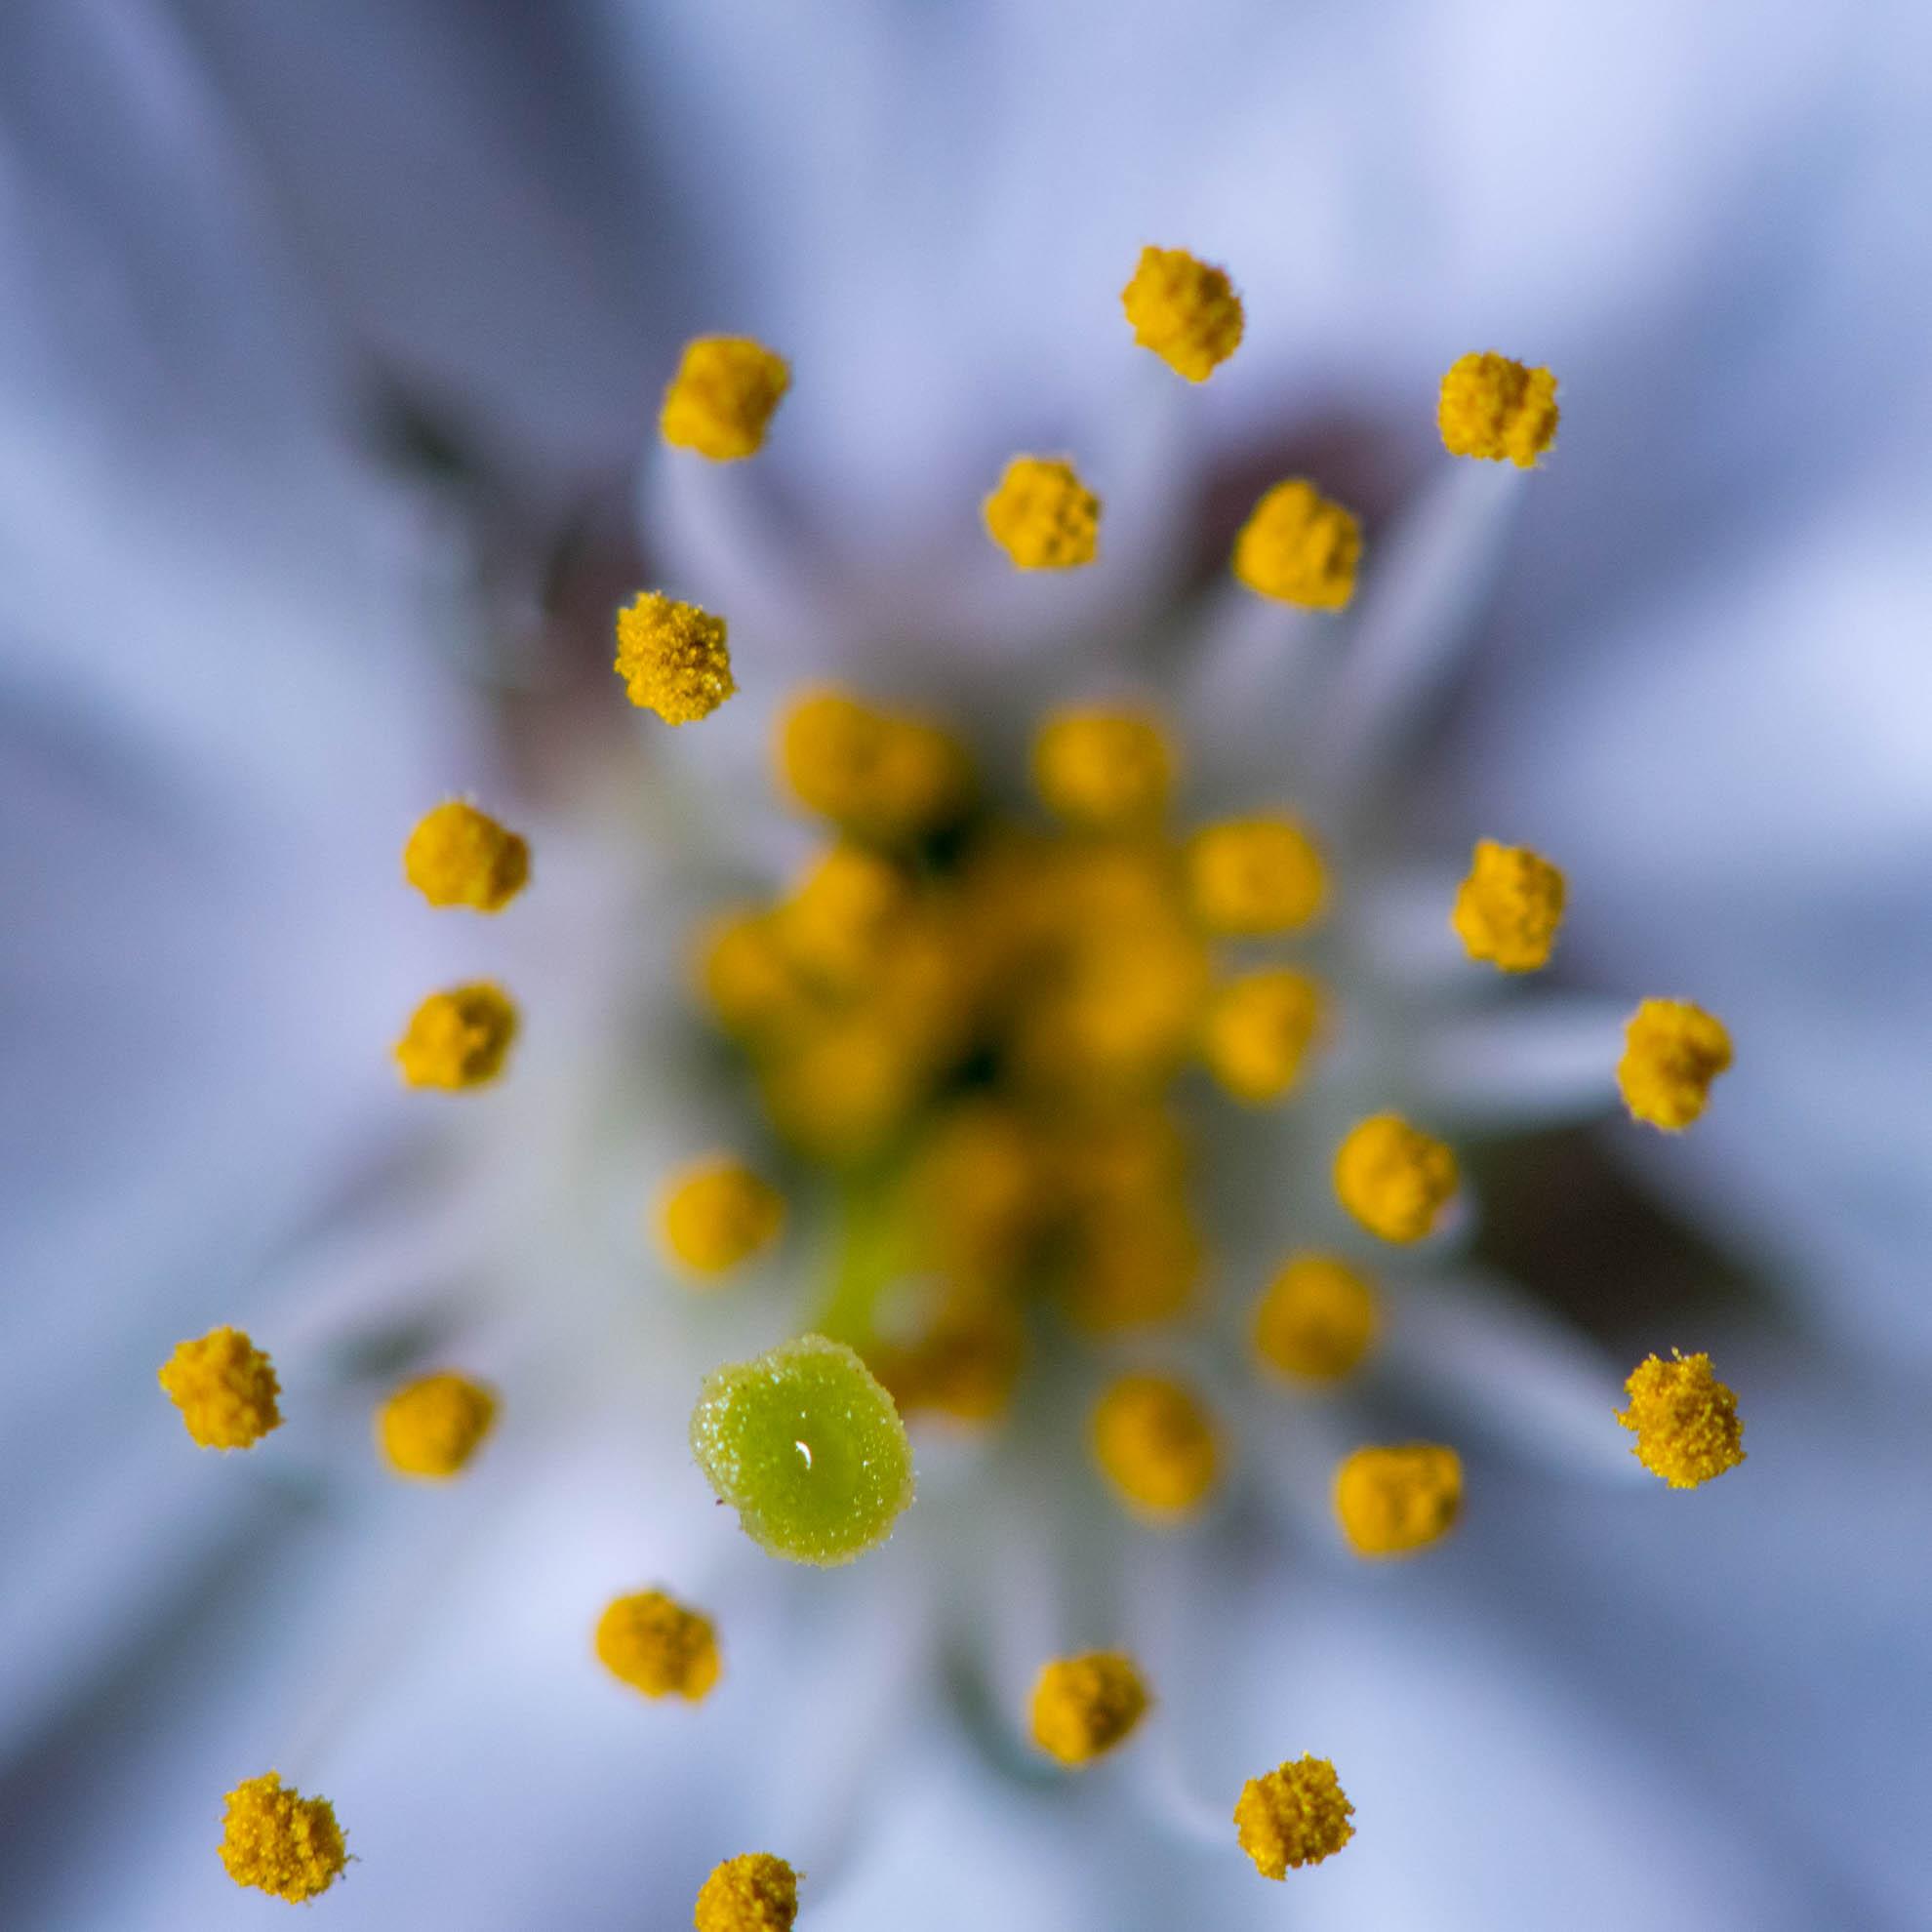 マクロっぽく撮影した花